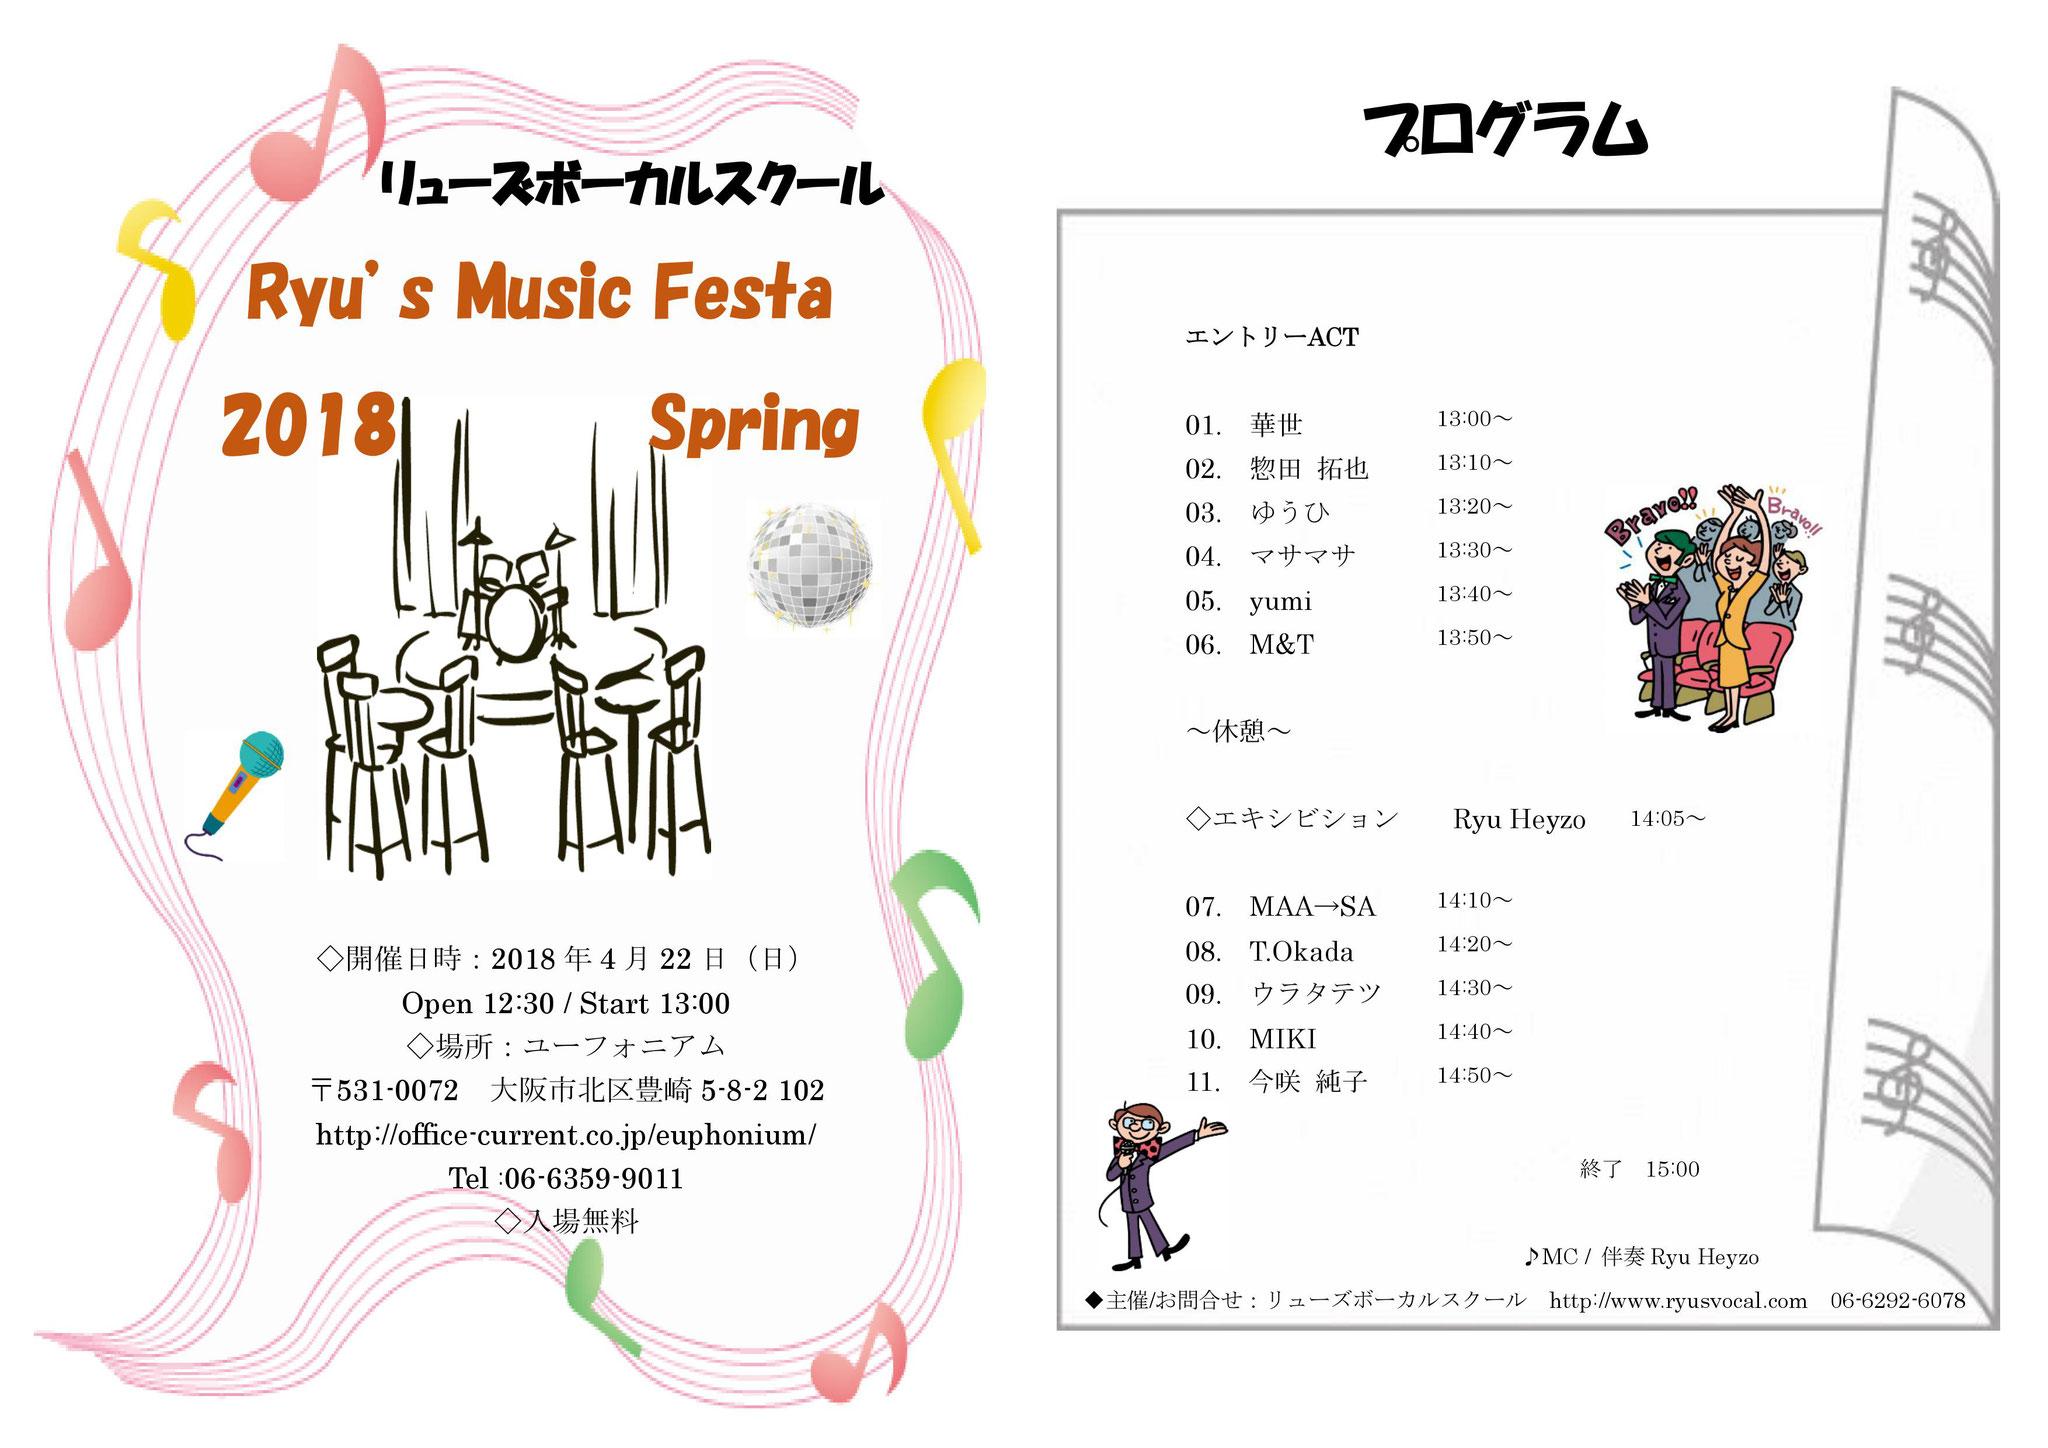 リューズボーカルスクール Ryu's Music Festa '18 Spring